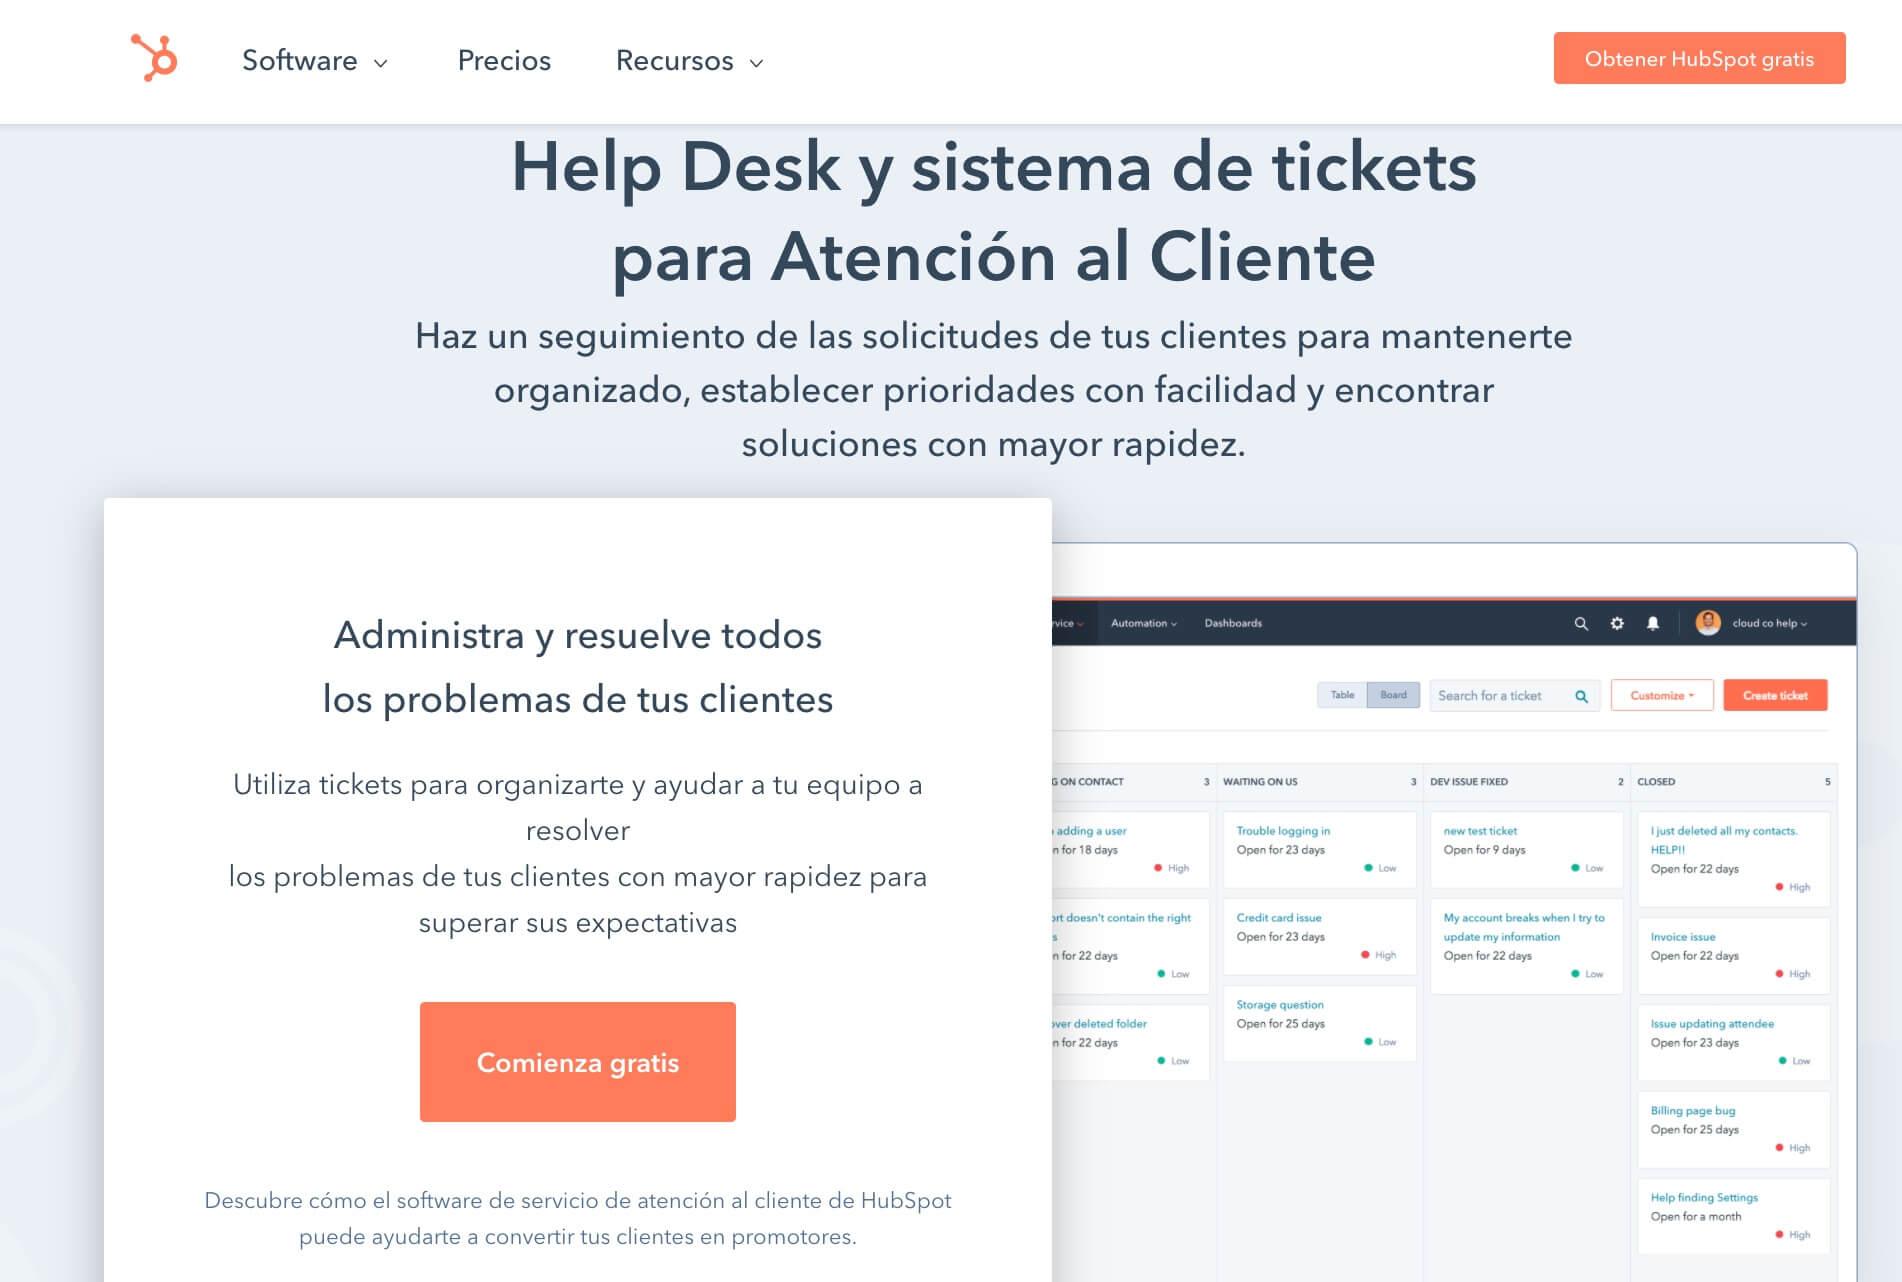 Software de mesa de ayuda gratis de HubSpot